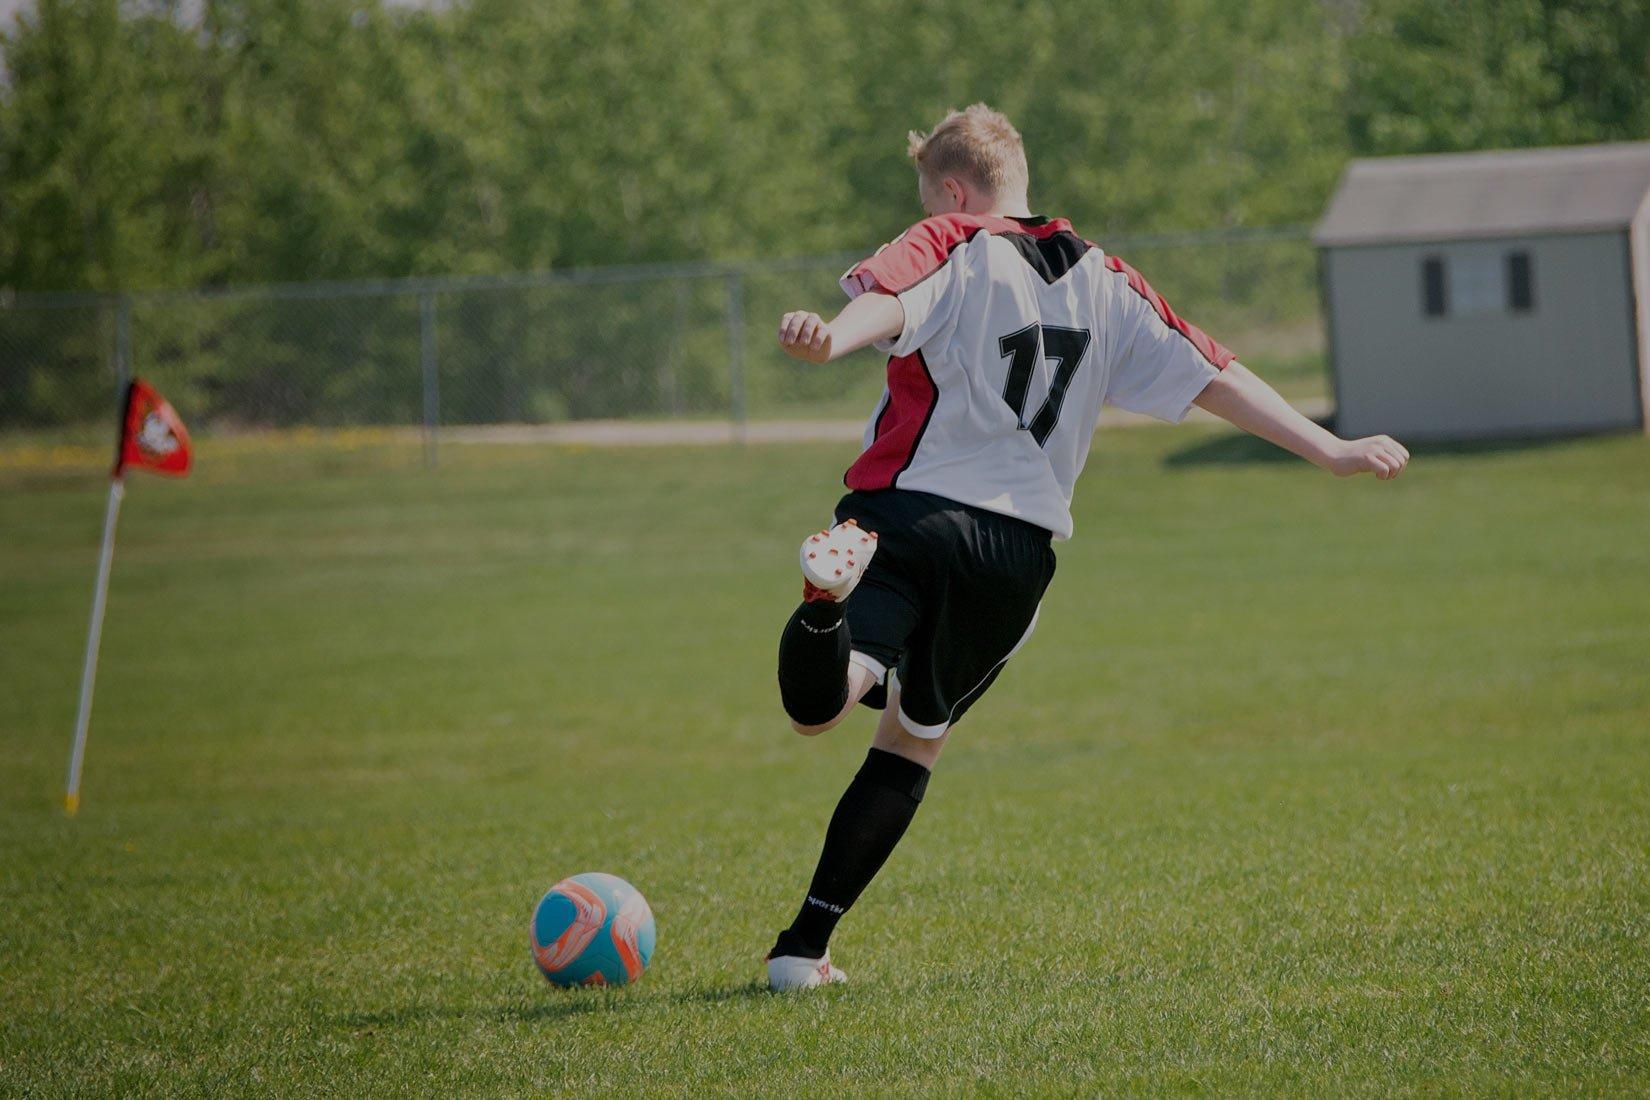 Talent sportowy i postawa zwycięzcy